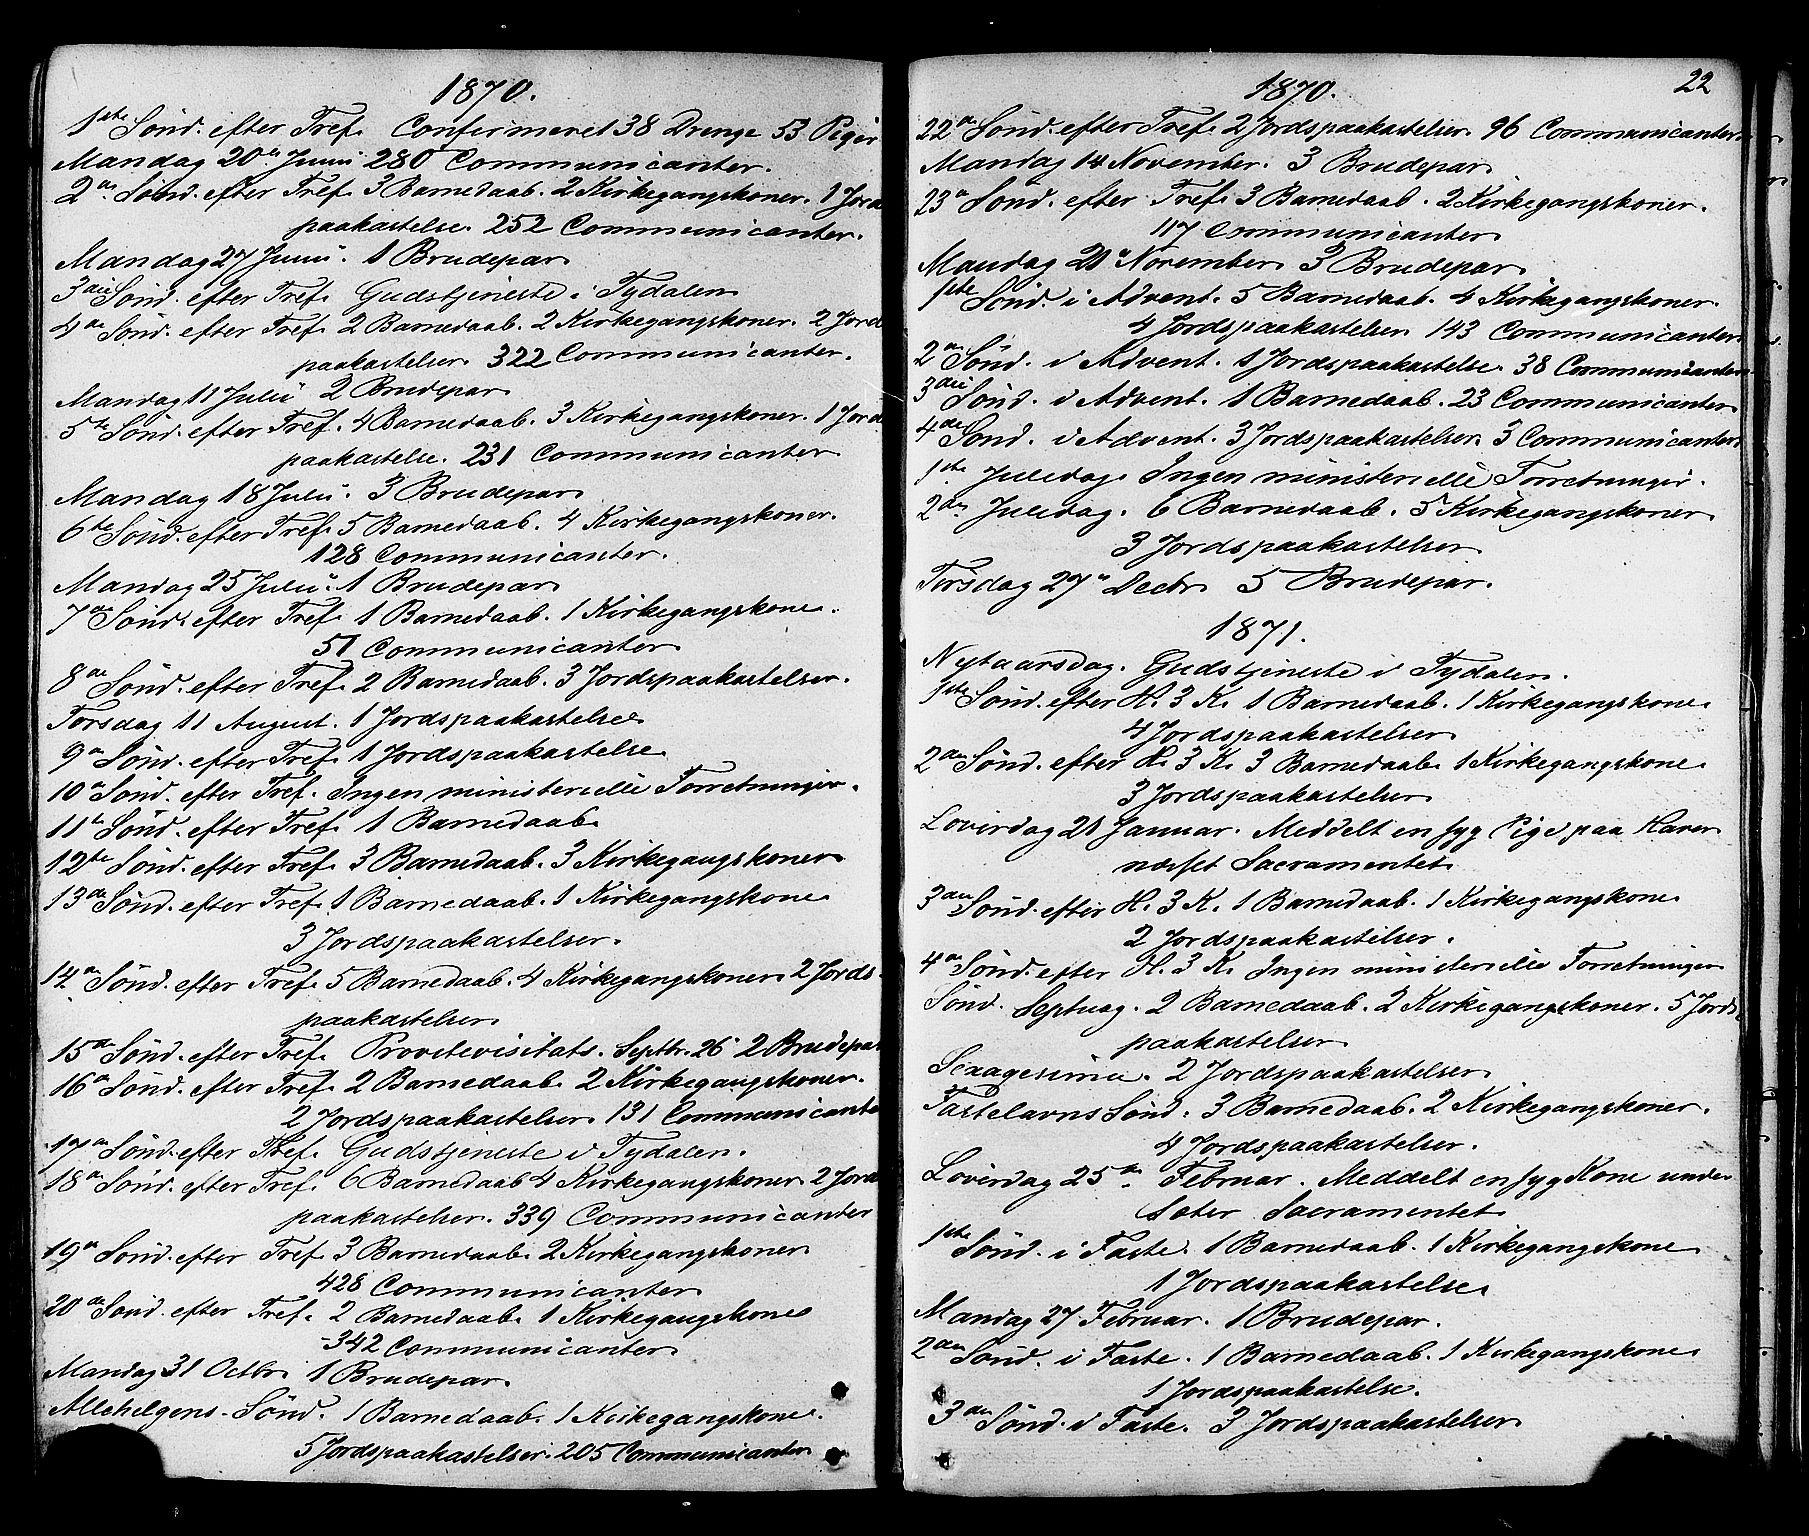 SAT, Ministerialprotokoller, klokkerbøker og fødselsregistre - Sør-Trøndelag, 695/L1147: Ministerialbok nr. 695A07, 1860-1877, s. 22